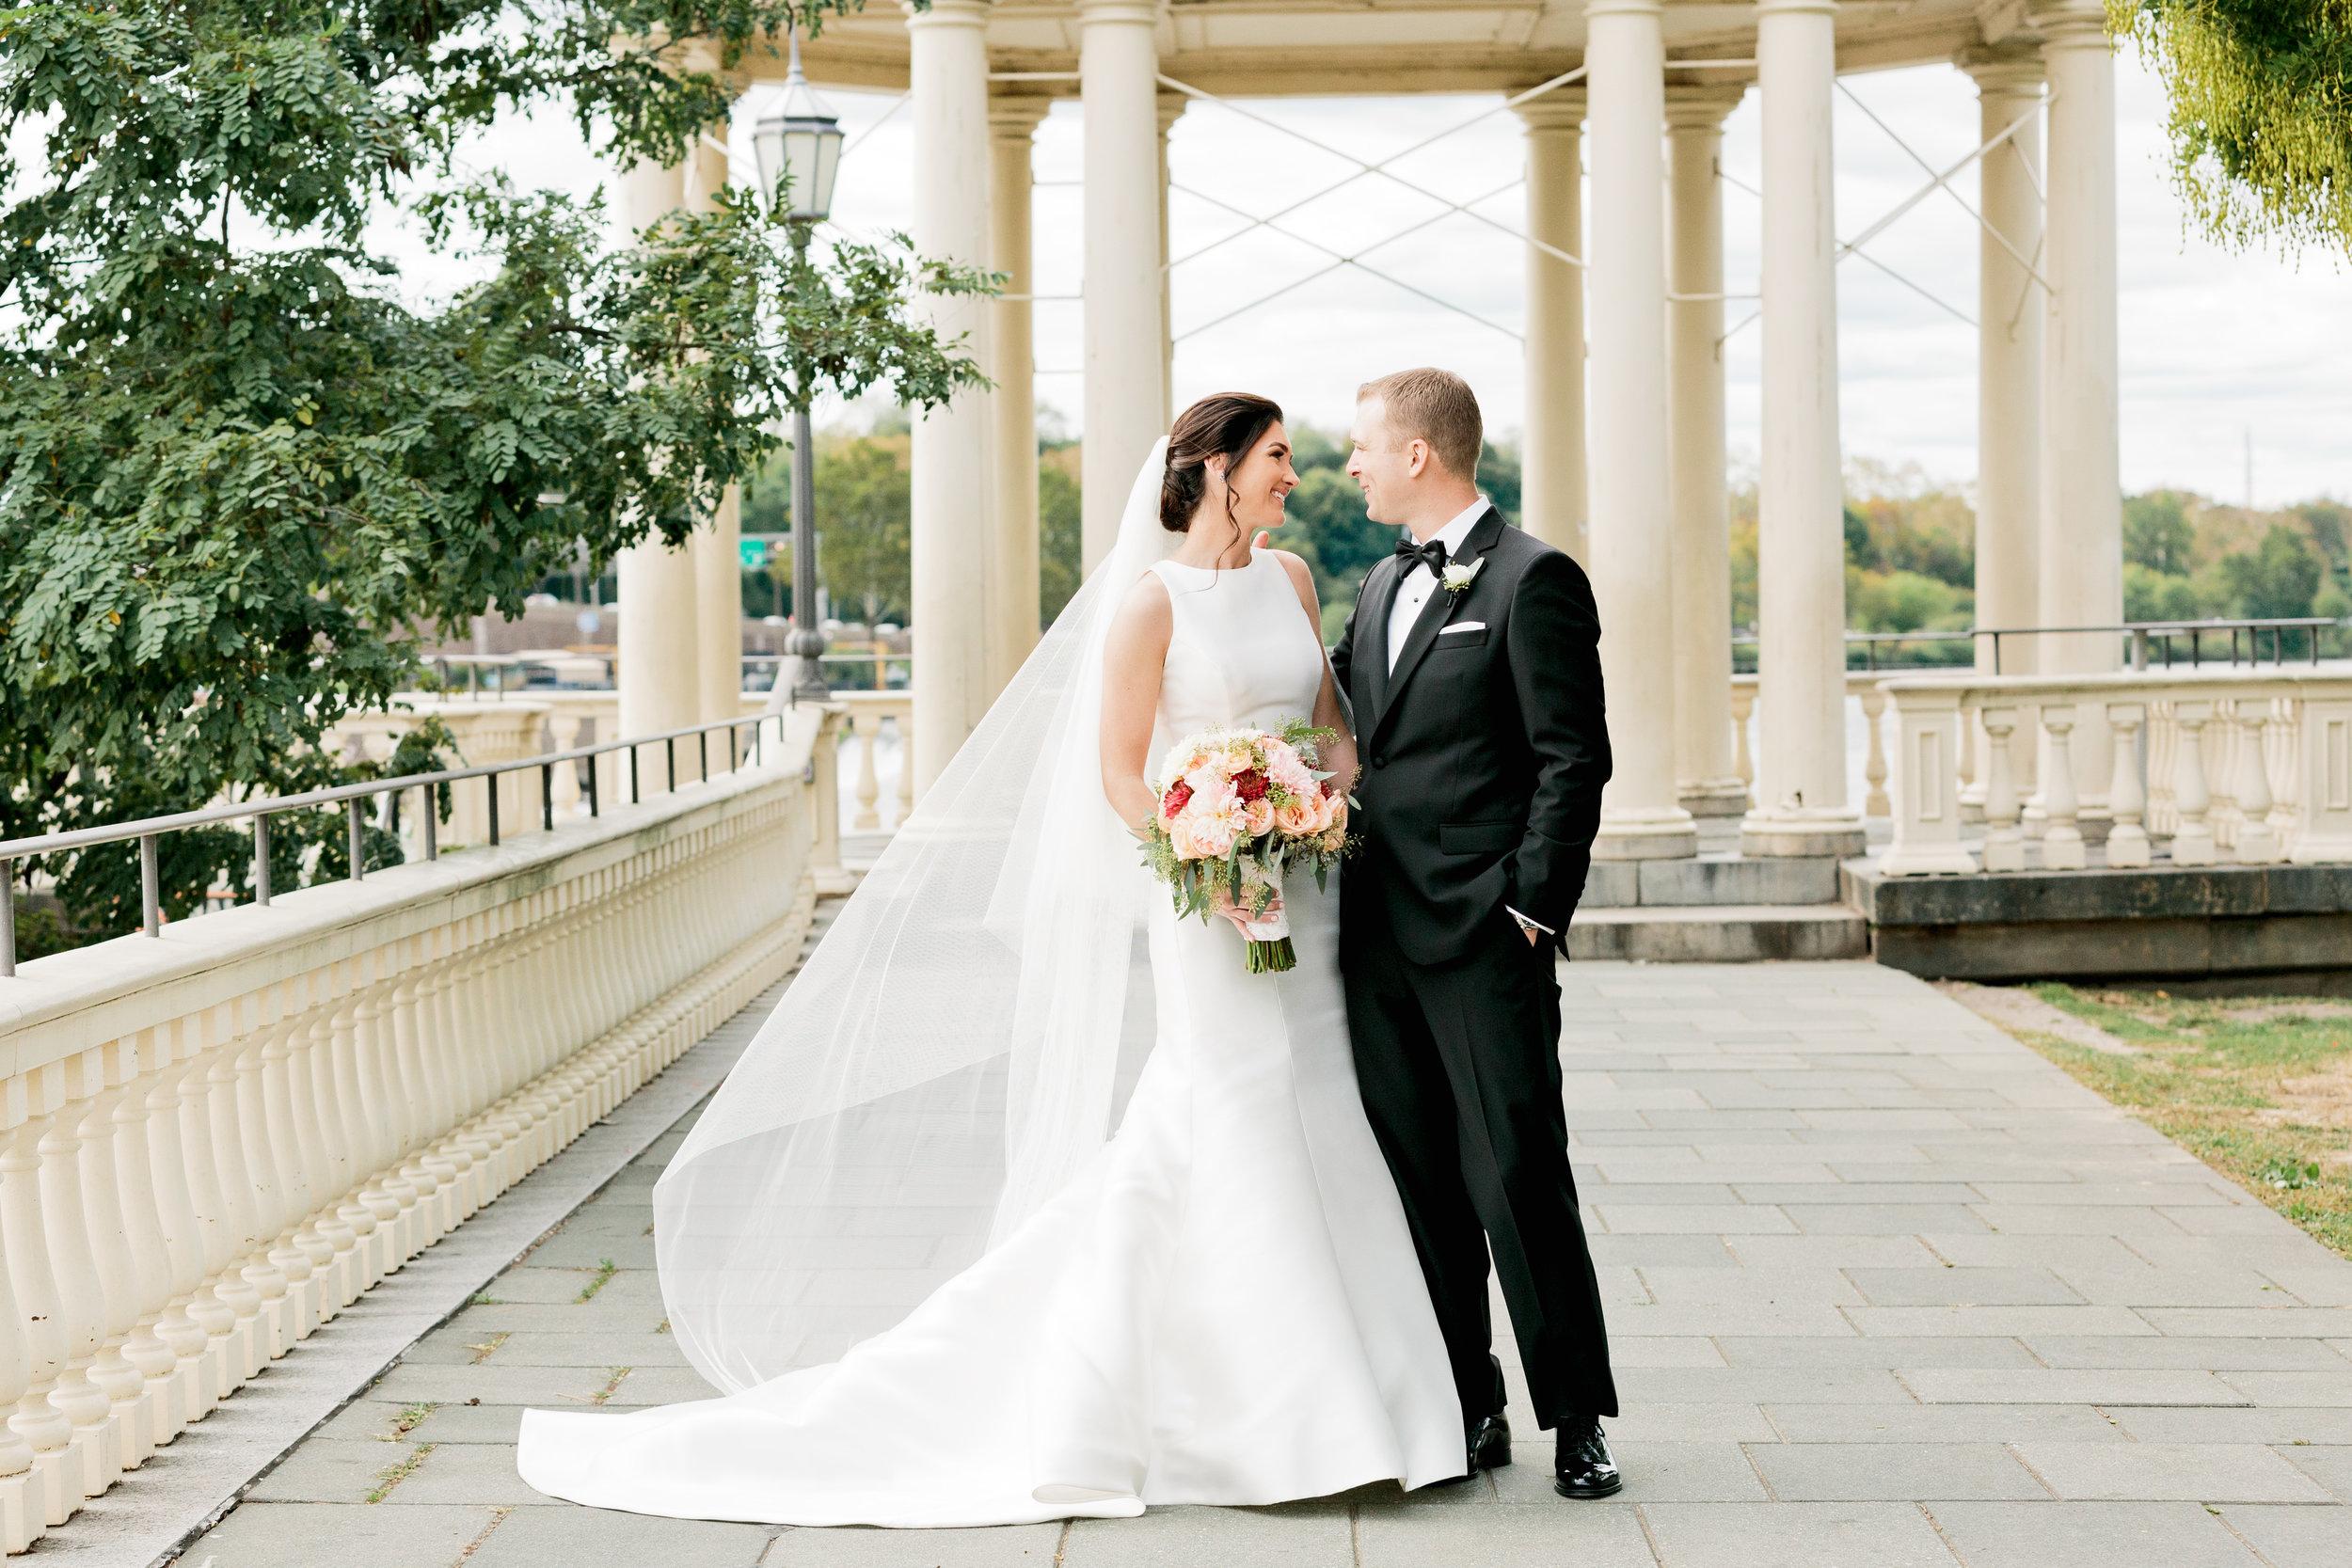 Hudson-Nichols-Black-Tie-Bride-Philadelphia-Waterworks-Wedding-Bride-Groom-Portraits47.jpg